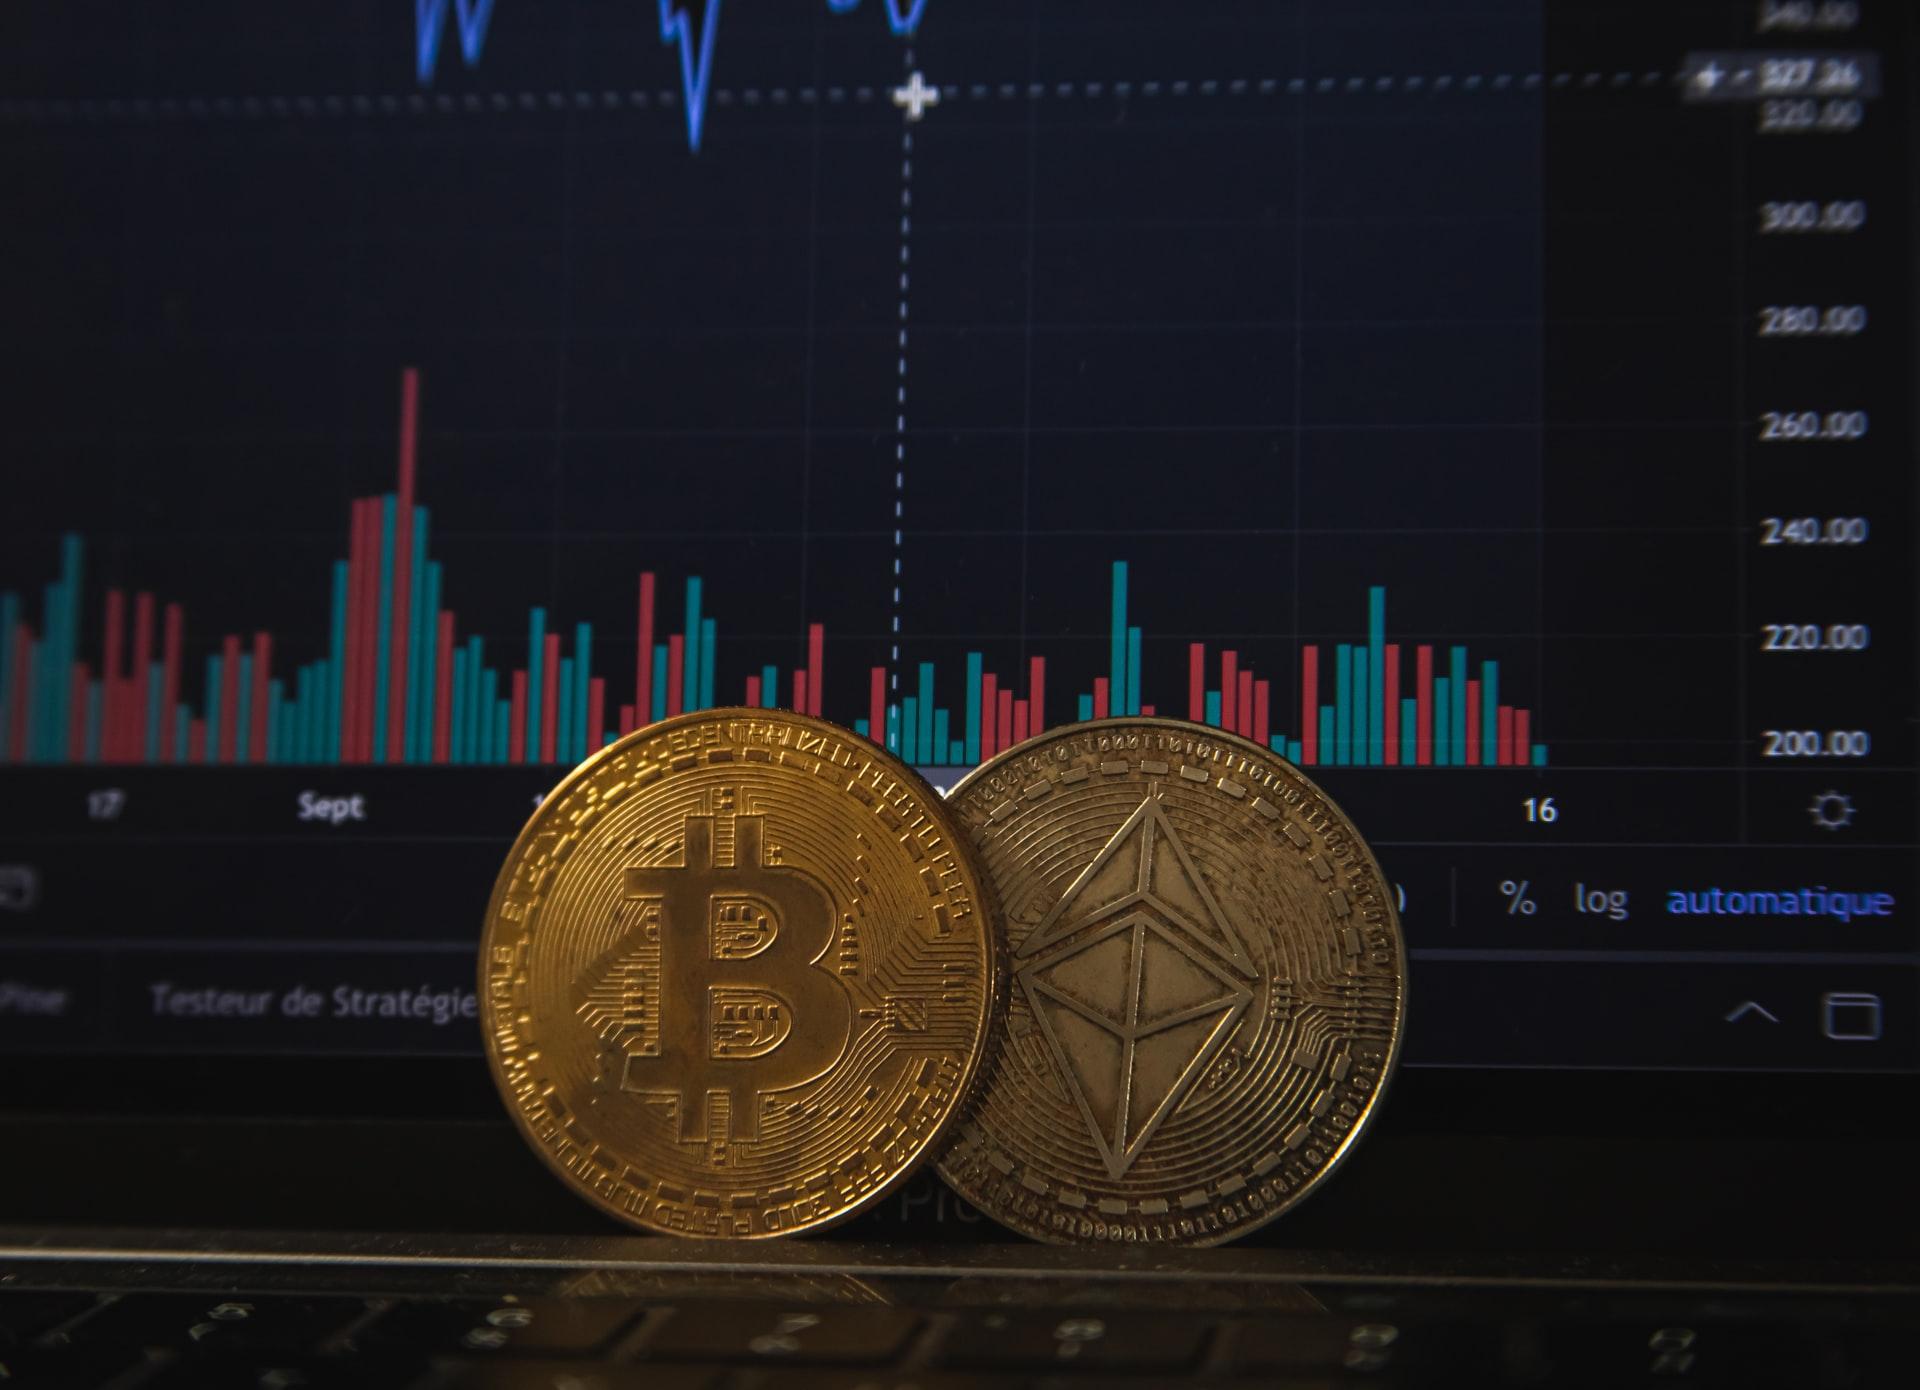 Perbedaan PoW dan PoS Cryptocurrency, Mana yang Lebih Baik?